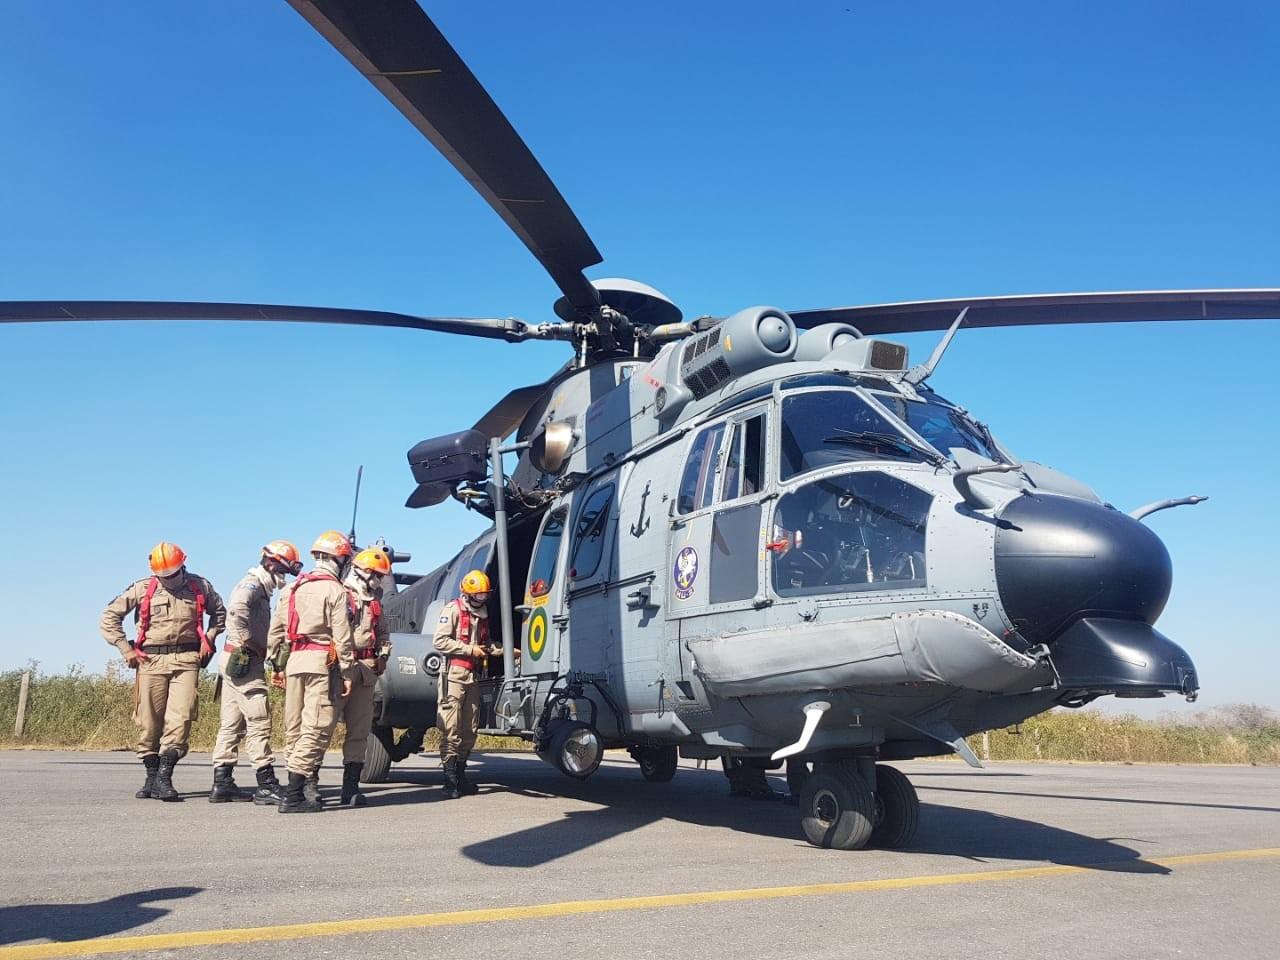 Militares de MS chegam em MT para ajudar a combater incêndio que já destruiu 600 mil hectares no Pantanal